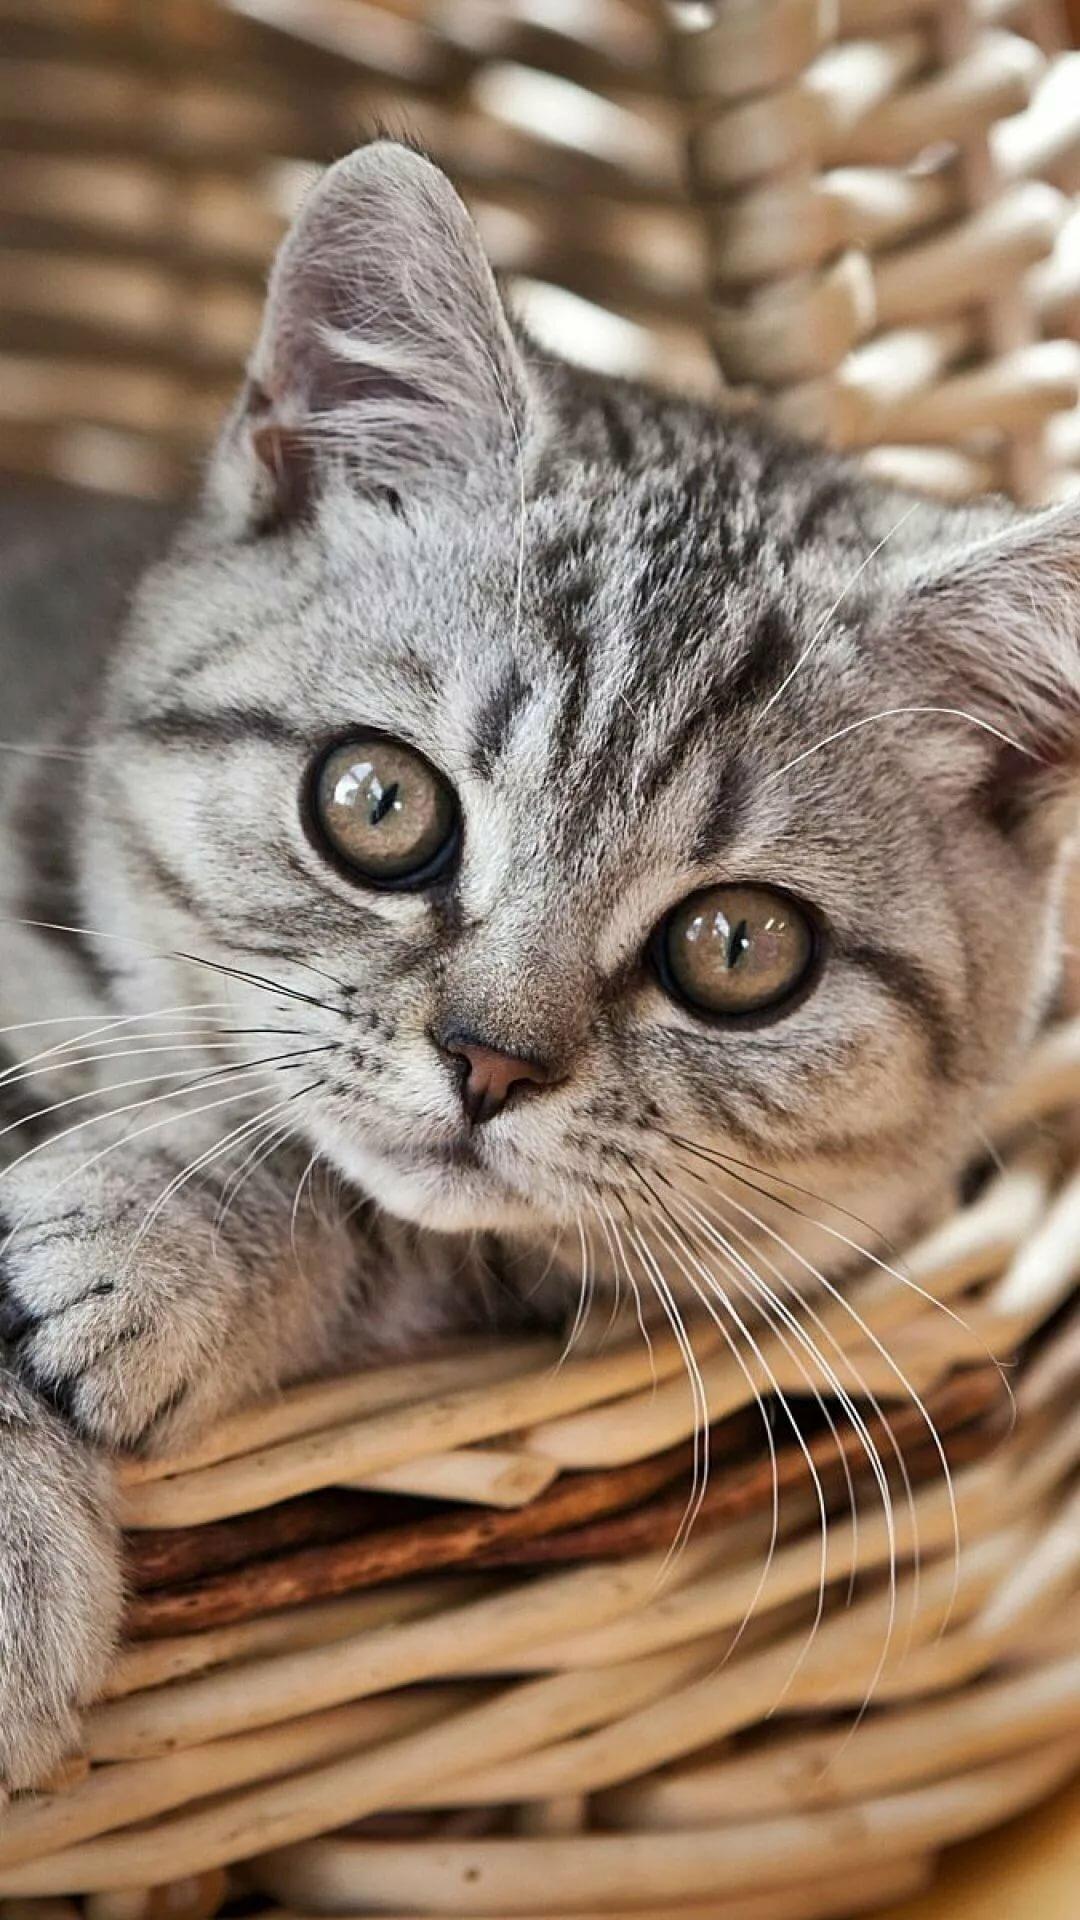 картинки кошек на телефоны маникюр коротких ногтях